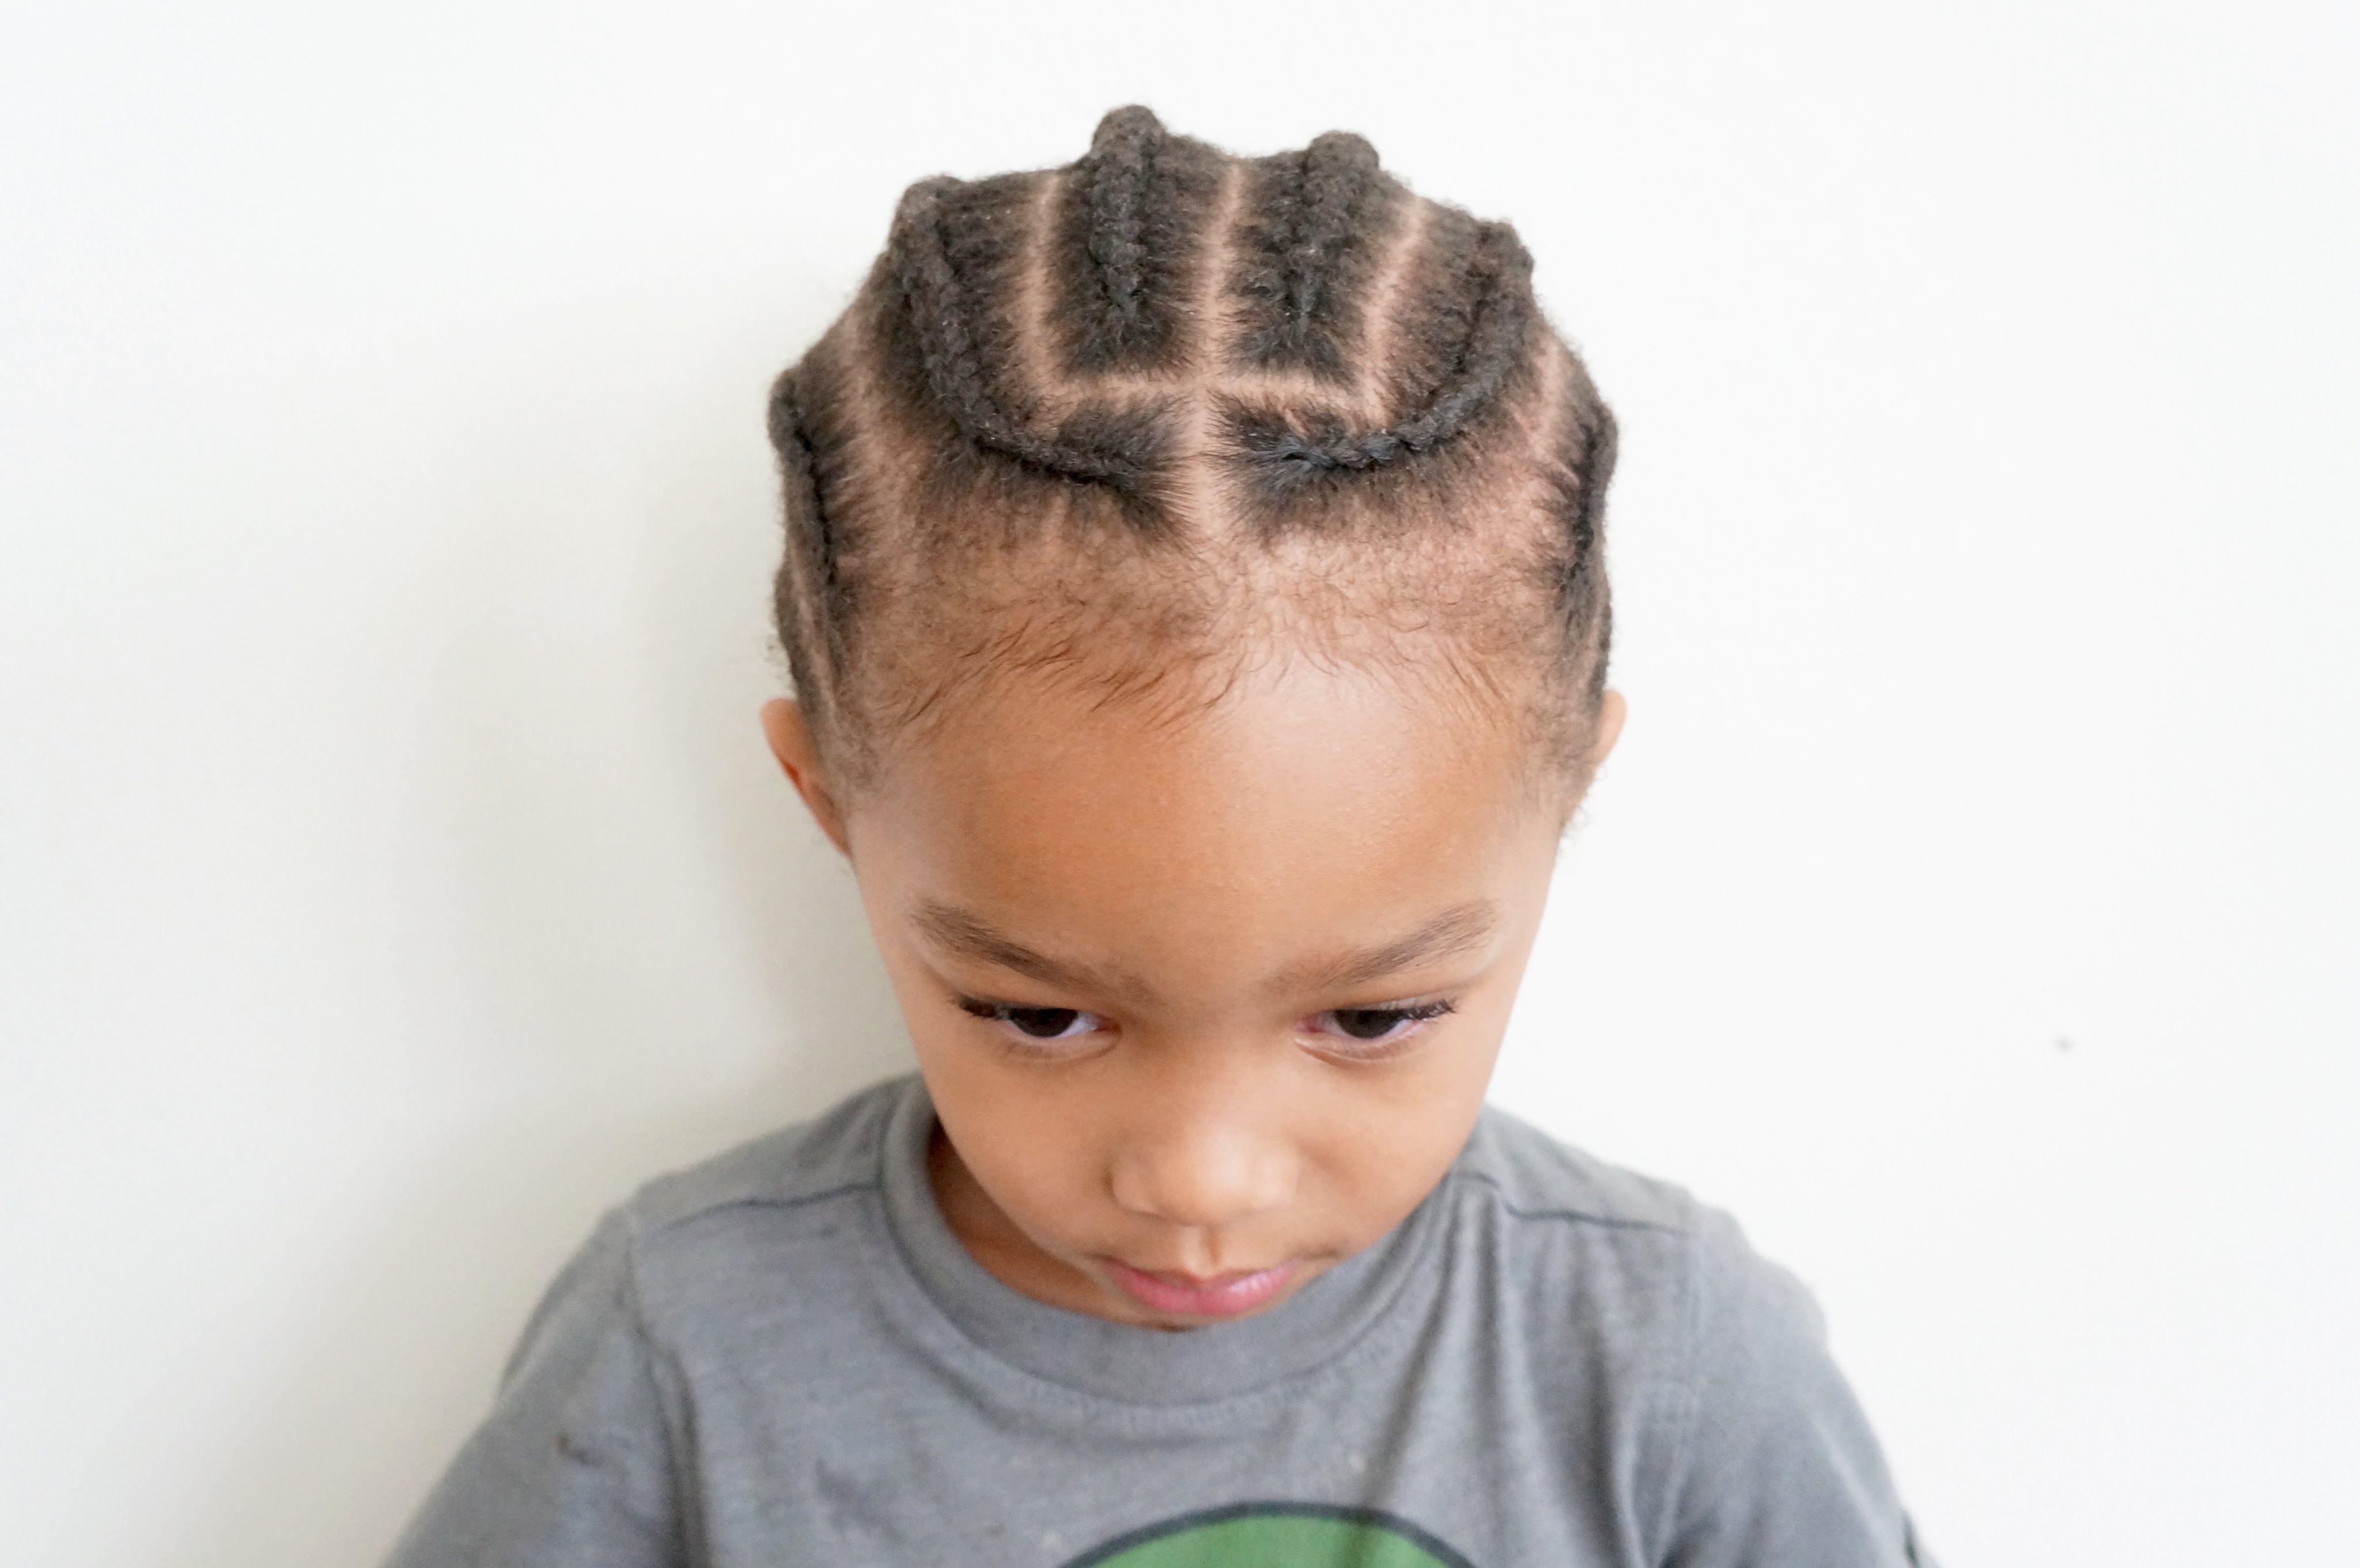 Super Frisuren Fur Gemischtes Haar Short Bobfrisuren Afro Cabellochino Balayage Schone Ombre Cab Braids For Boys Little Boy Hairstyles Boy Braid Styles